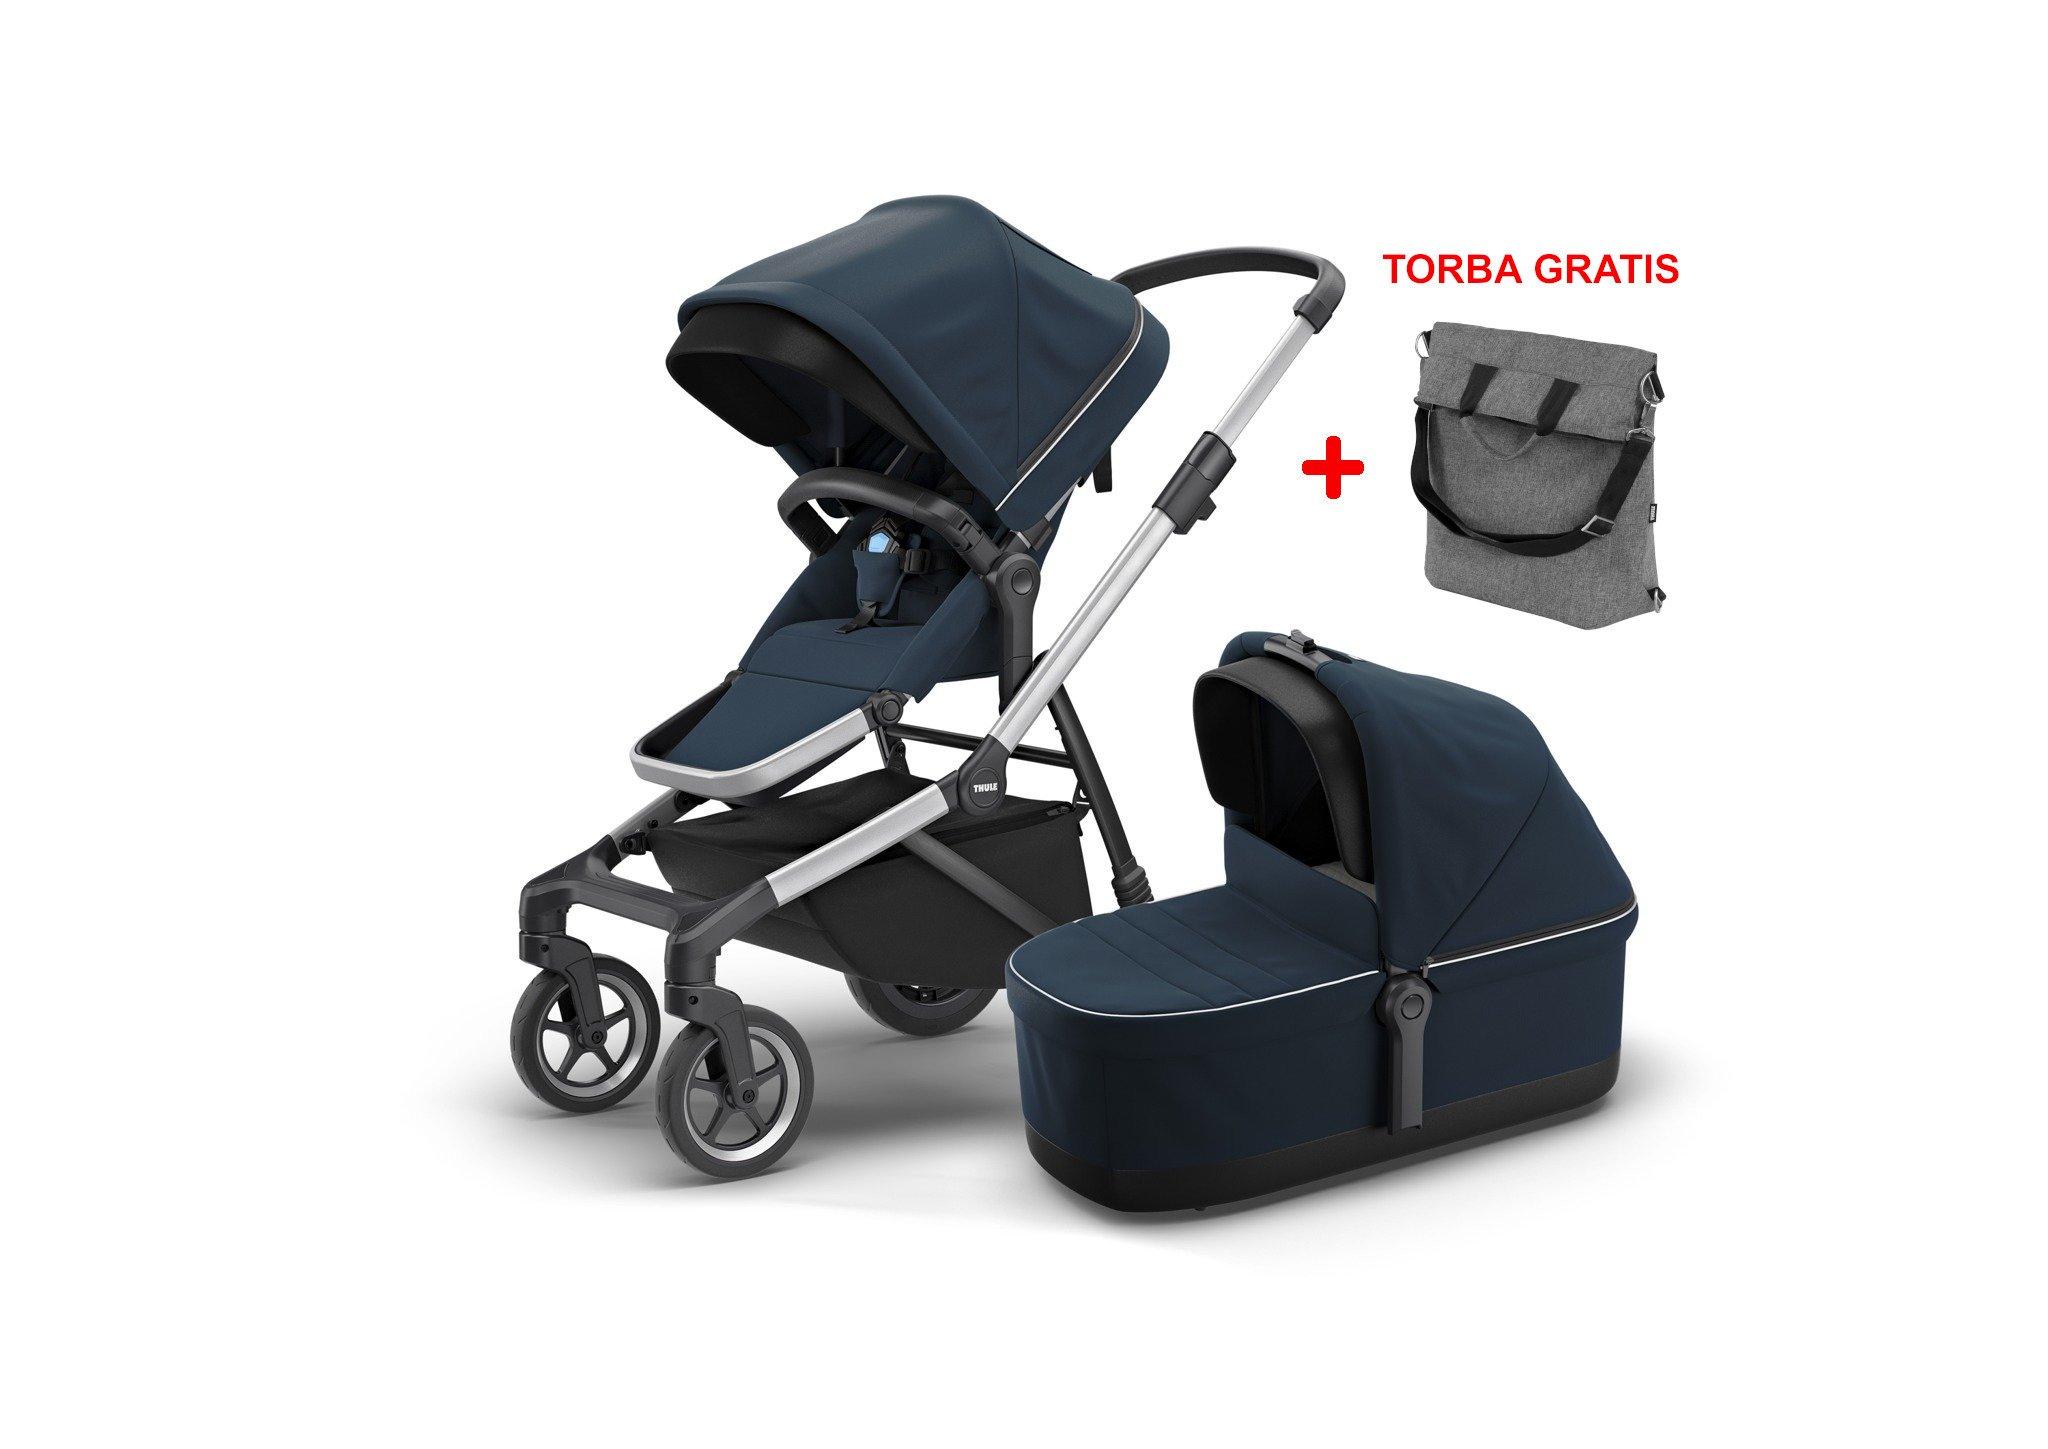 Thule Sleek Navy Blue siedzisko spacerowe + gondola + torba gratis